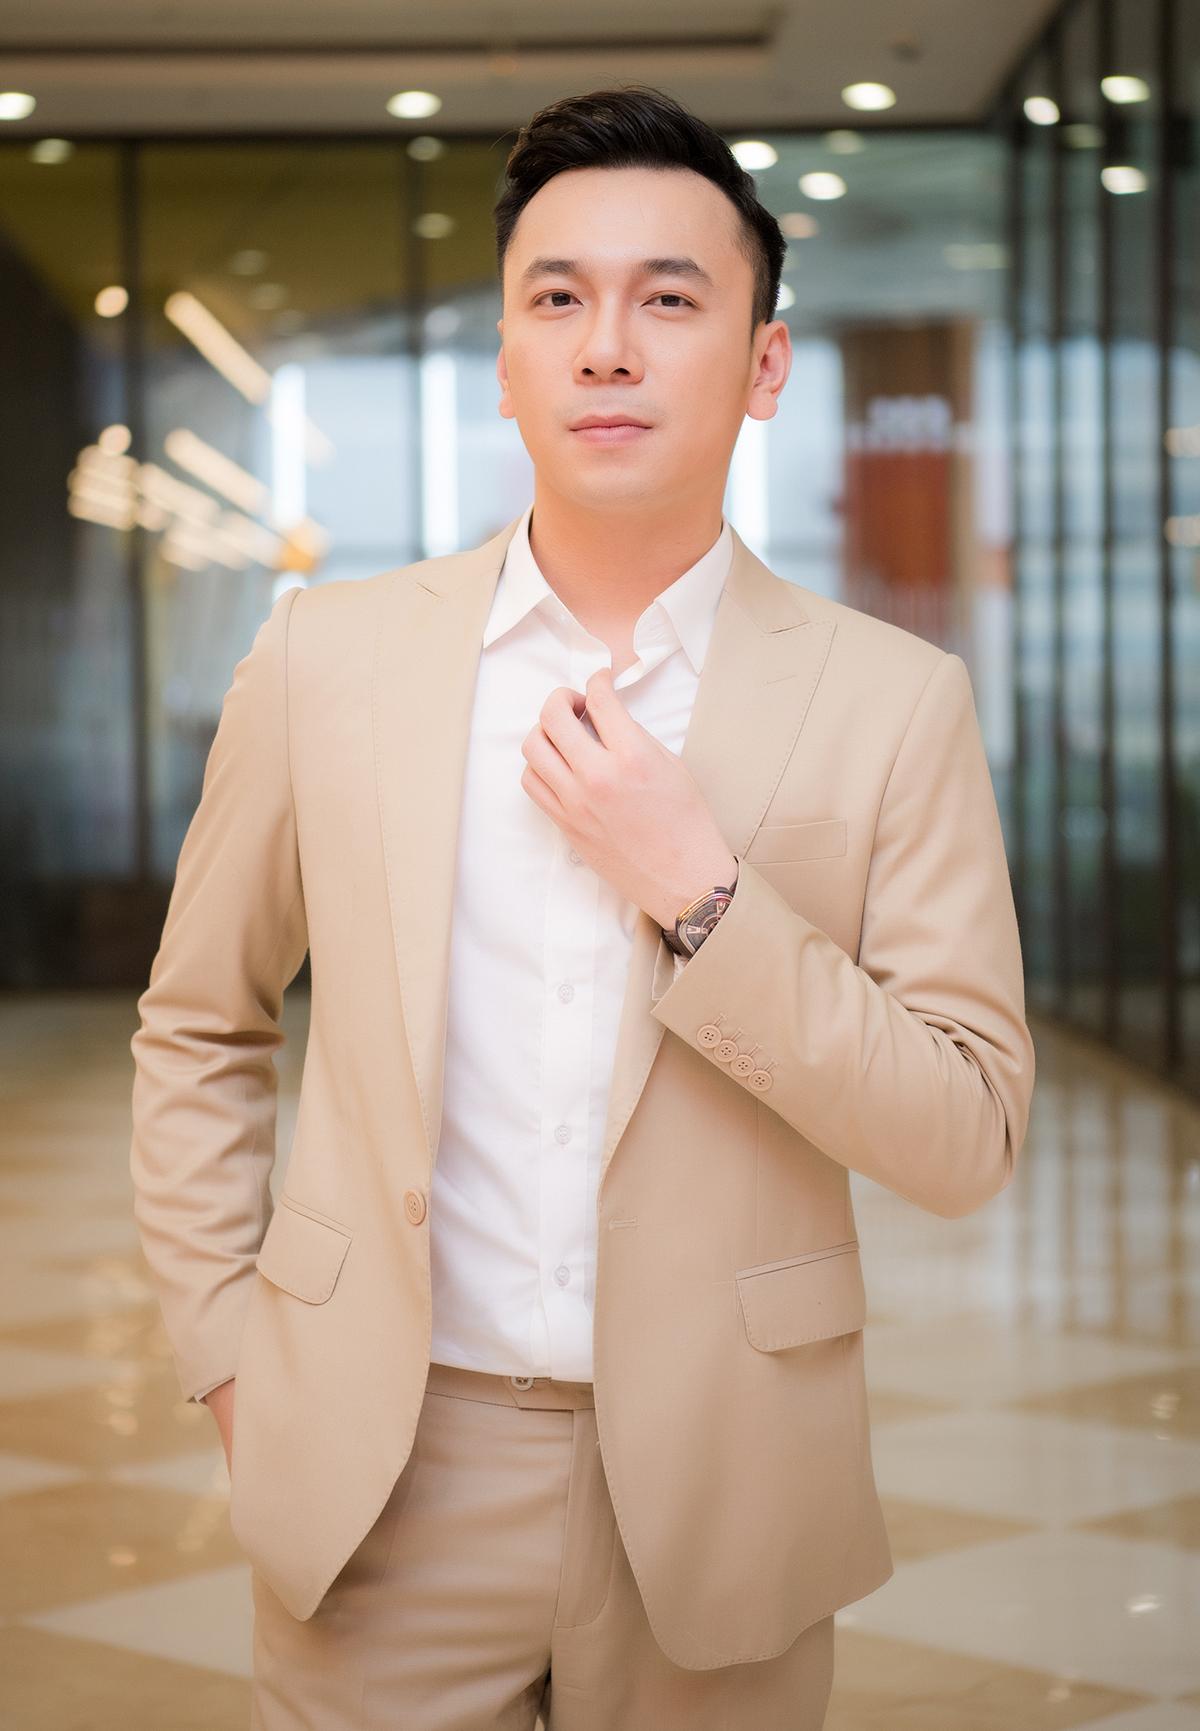 Lê Việt Anh ra mắt ca khúc lấy cảm hứng từ chuyện tình Hà Hồ - Kim Lý - 2